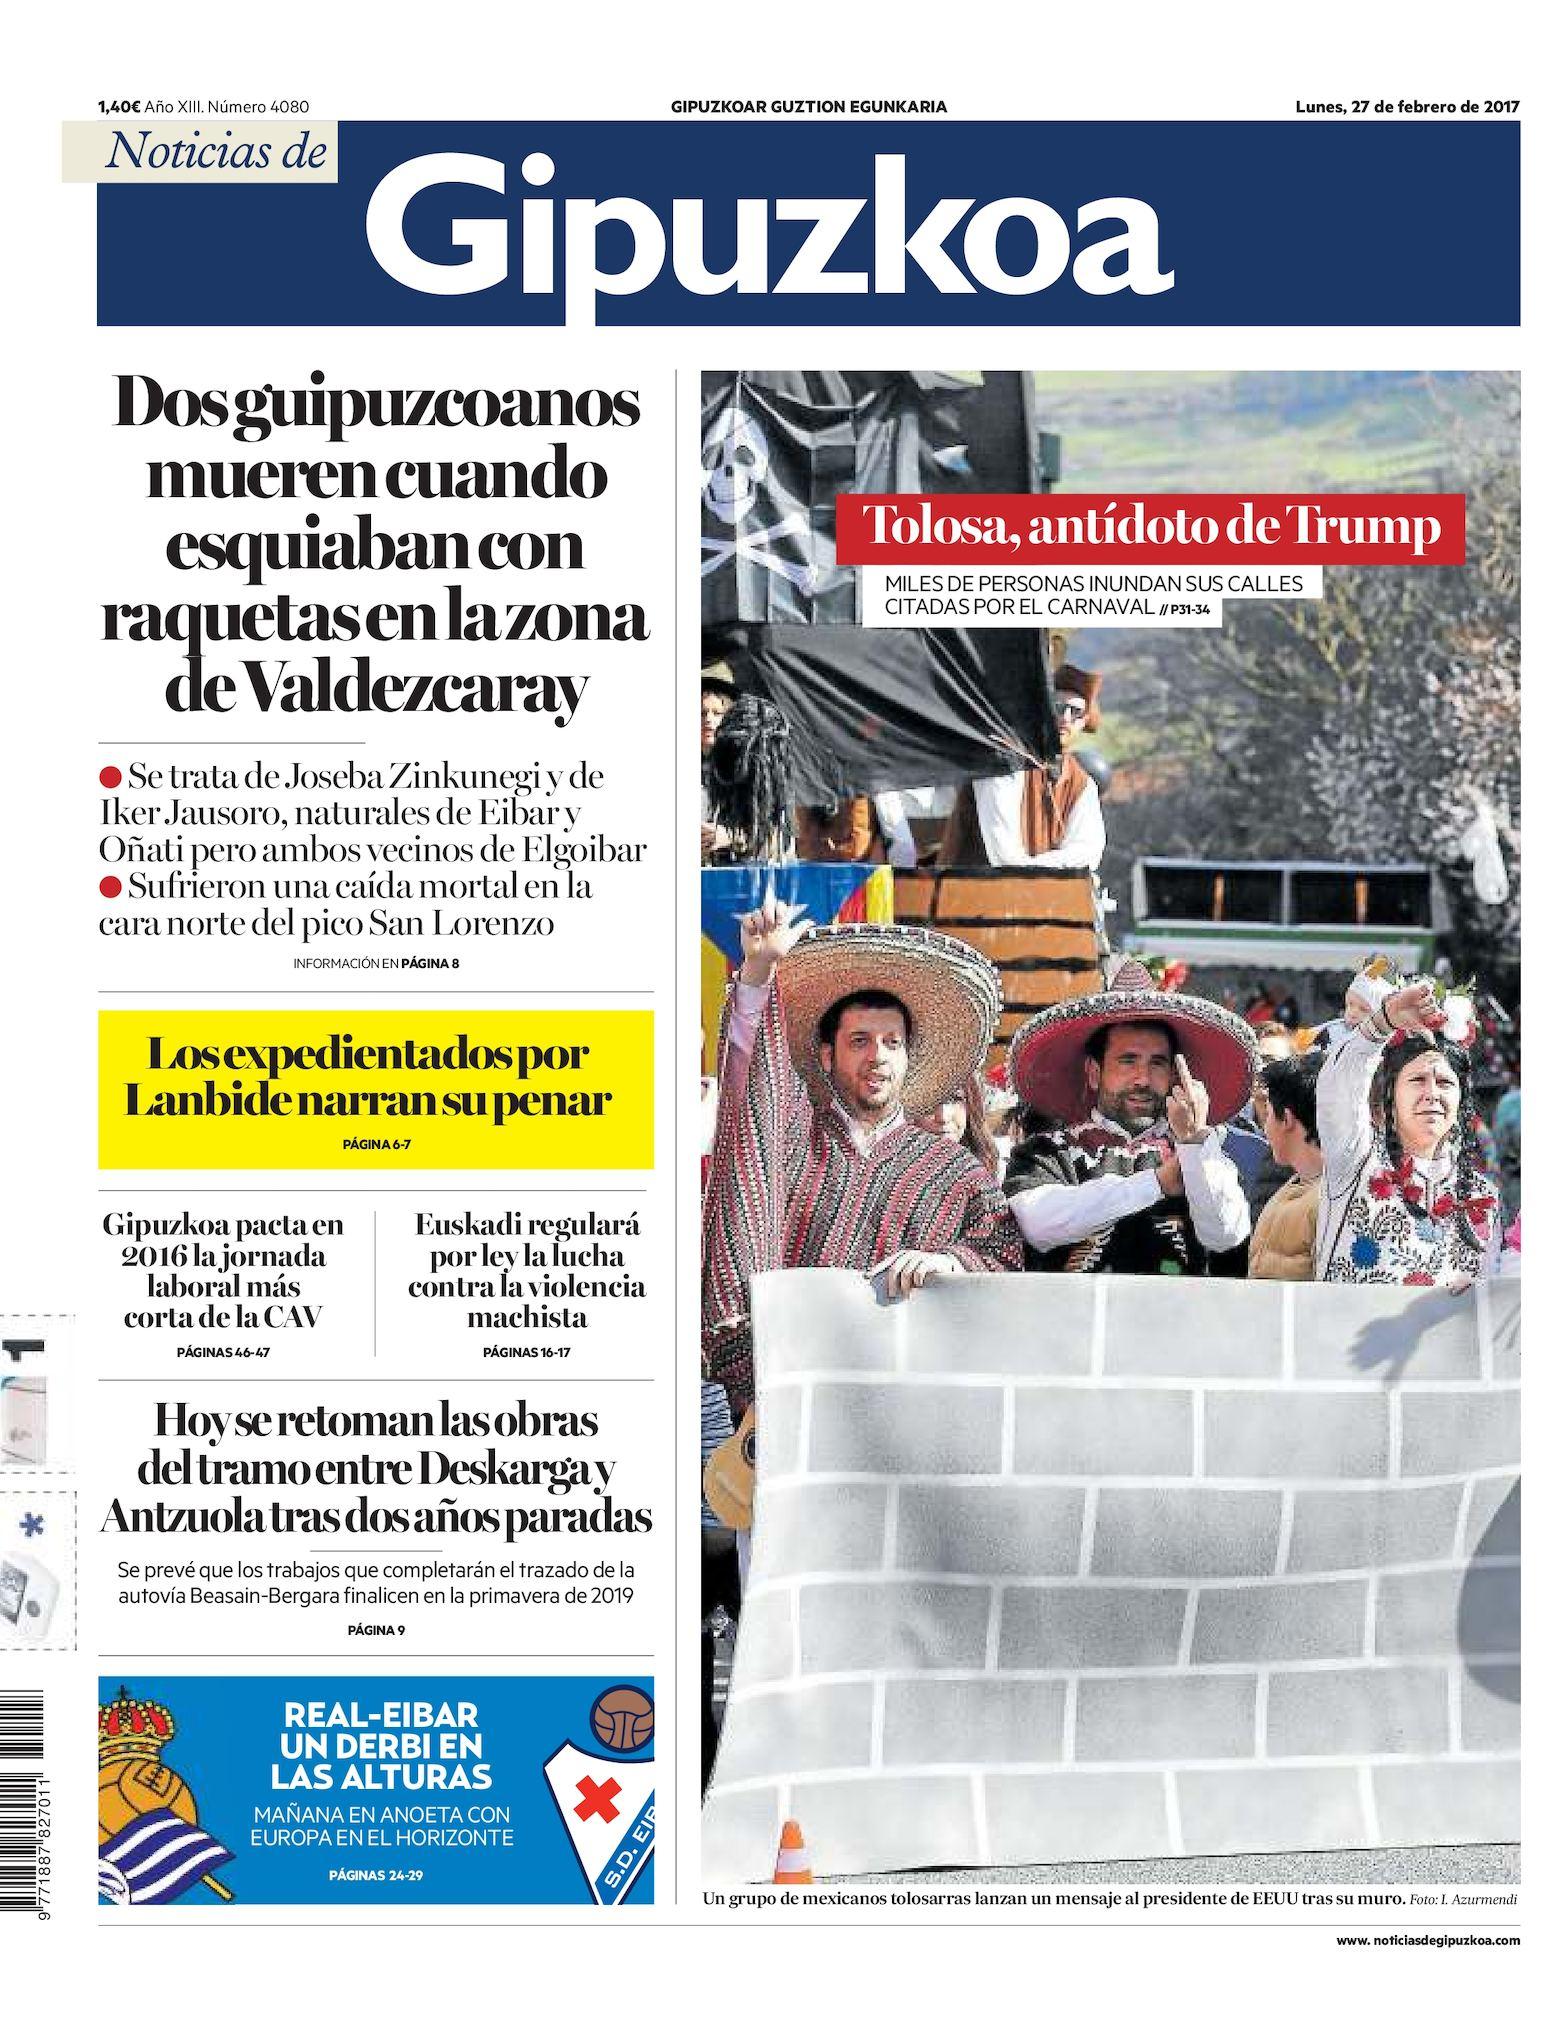 2b1885a44 Calaméo - Noticias de Gipuzkoa 20170227